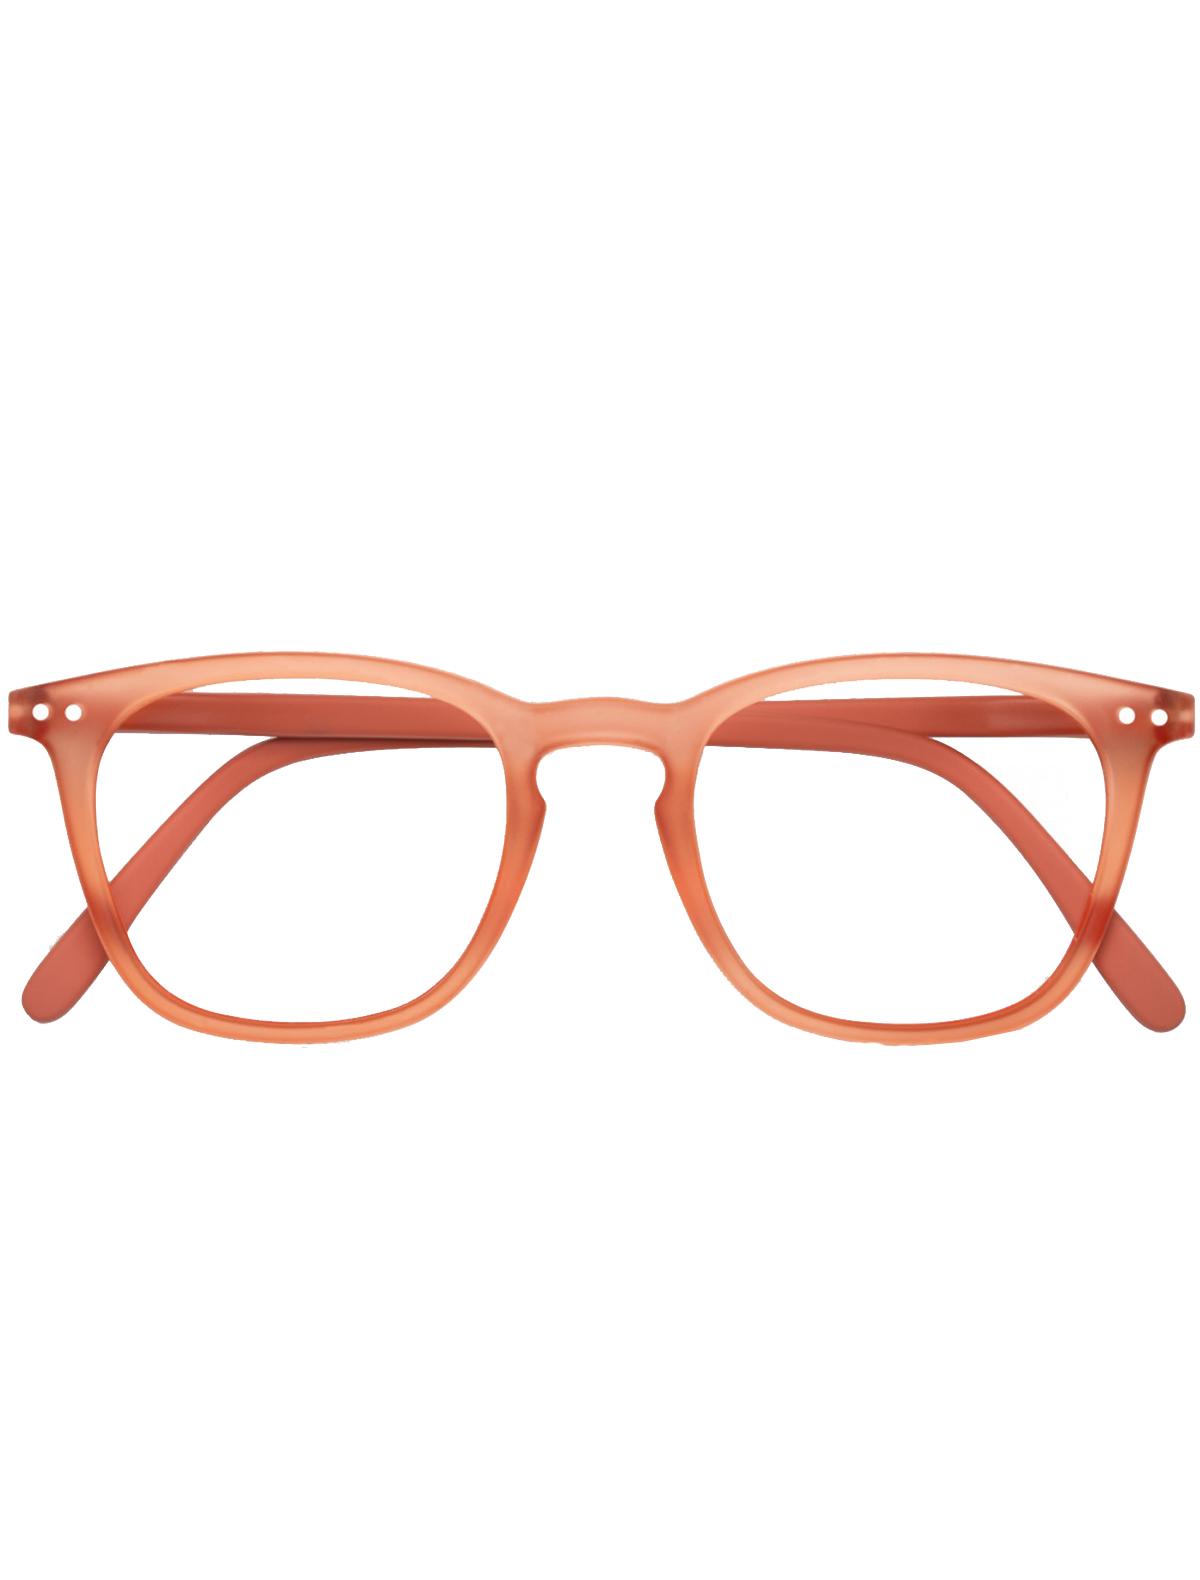 Купить 2196739, Очки IZIPIZI, оранжевый, 5252428980111